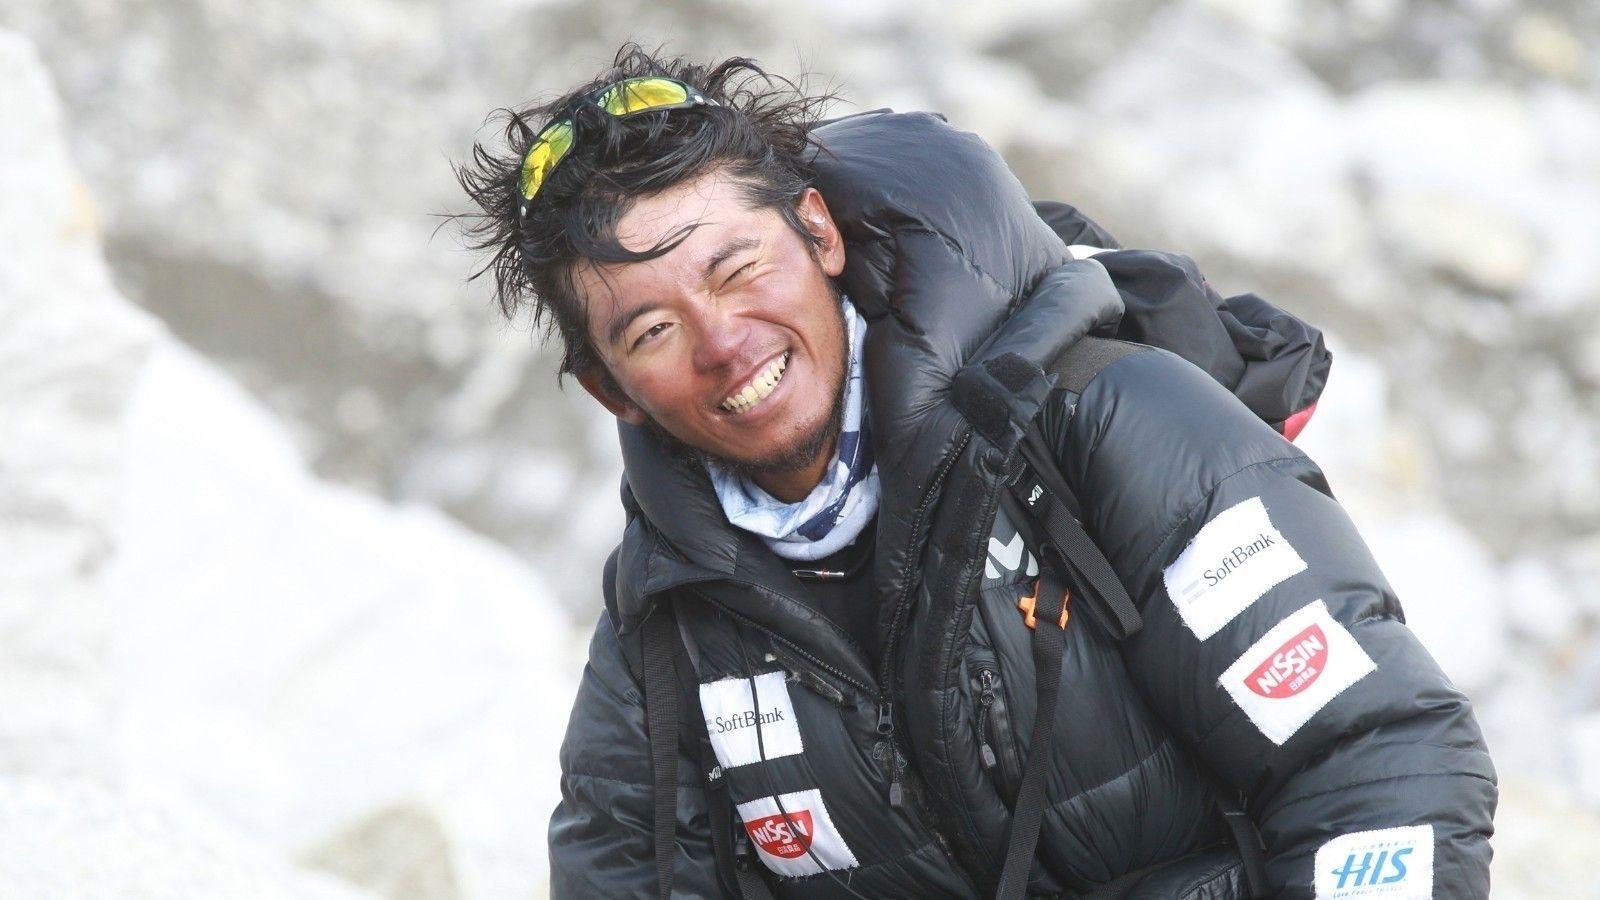 Японы уулчин Эверестийн оргилд гарахаар найм дахь удаагаа оролдоод амиа алджээ